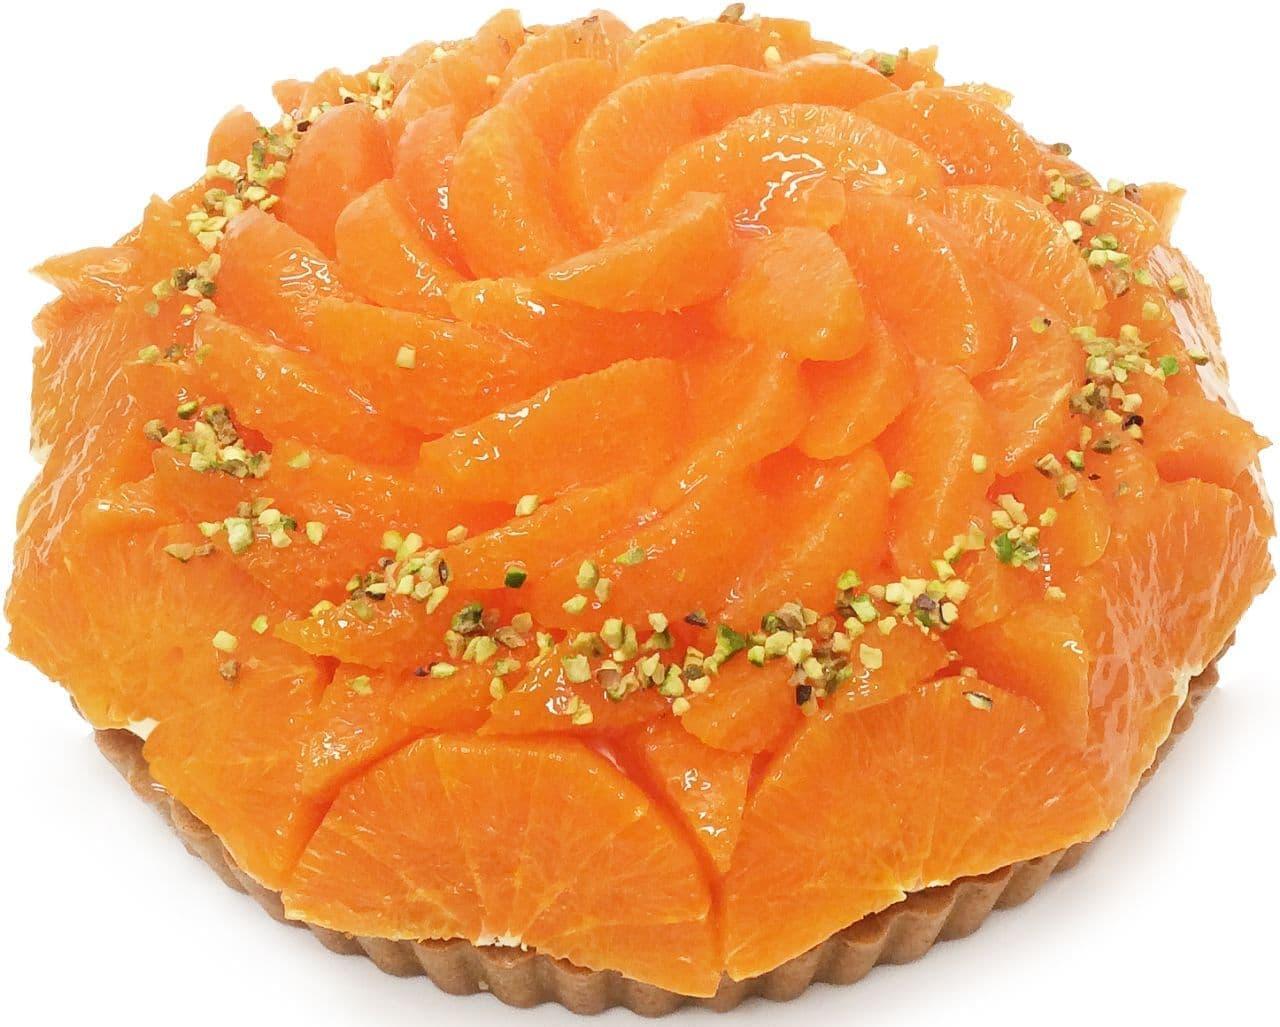 カフェコムサ「愛媛県 宇和島 山内農園産「せとか」とピスタチオレアチーズのケーキ」